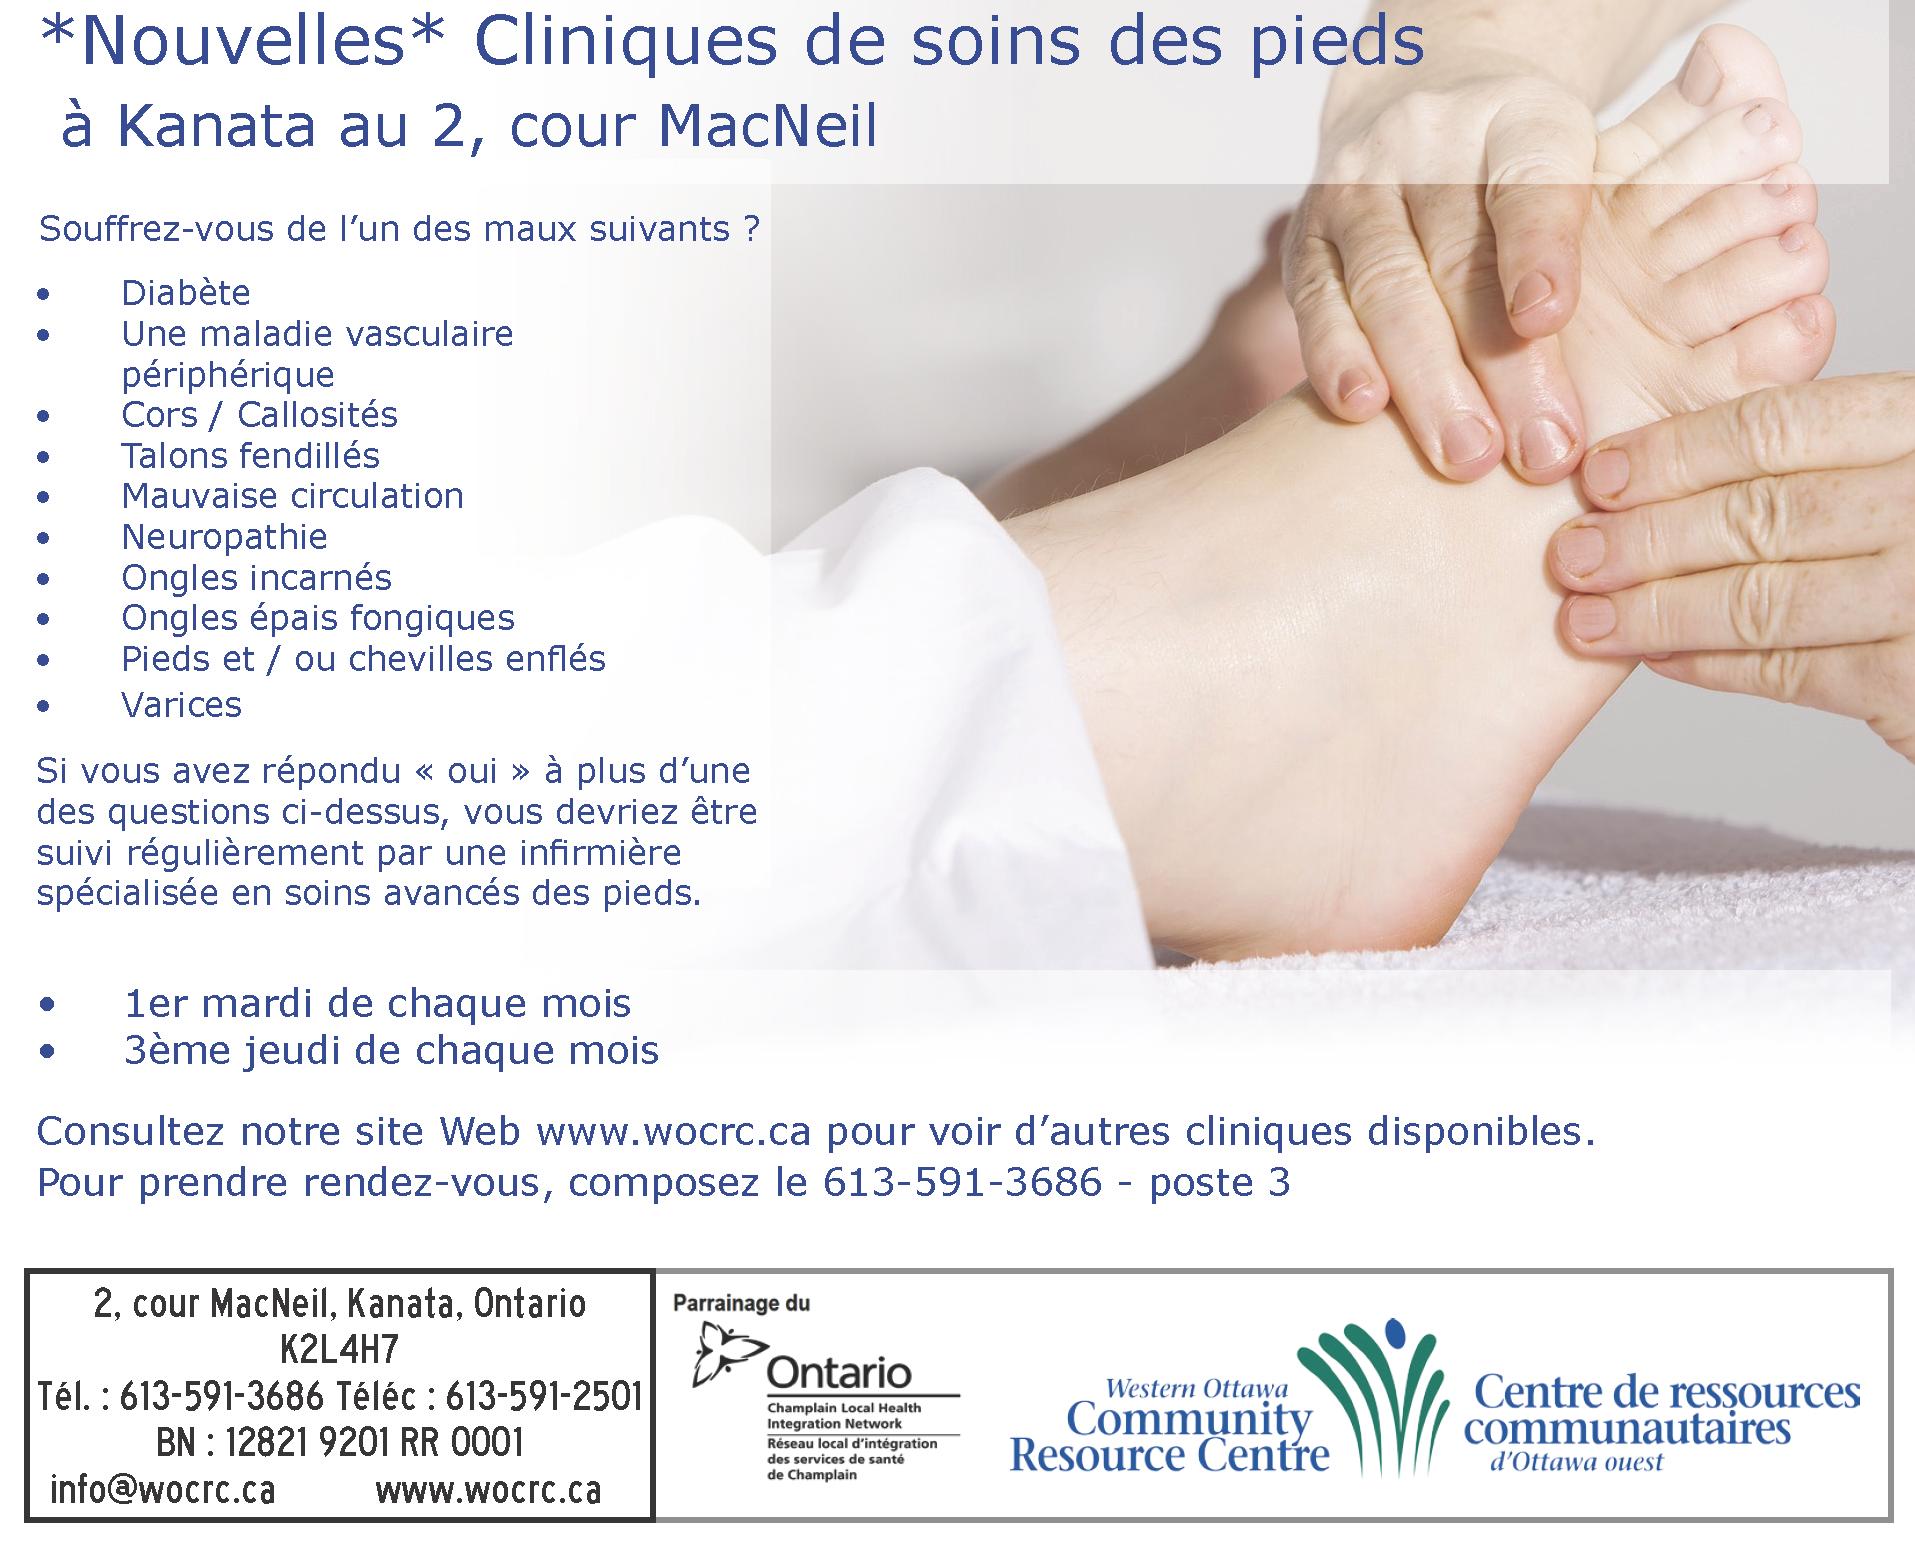 Cliniques de soins des pieds à Kanata au 2, cour MacNeil